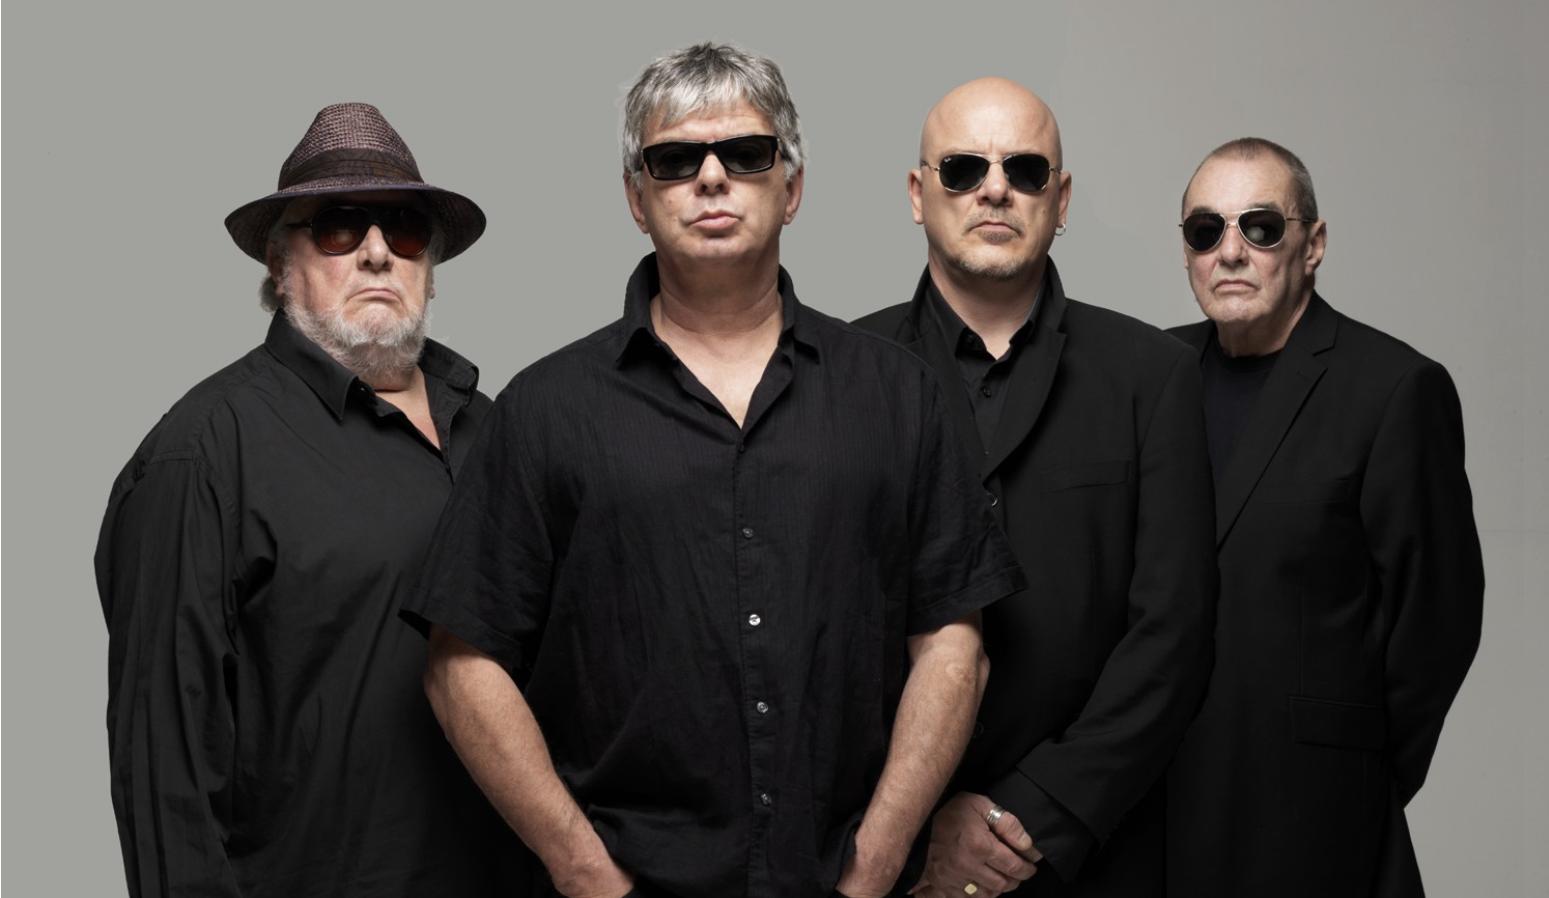 TOP 5 | The Stranglers byli jedinou kapelou, která uměla hrát punk s klávesami